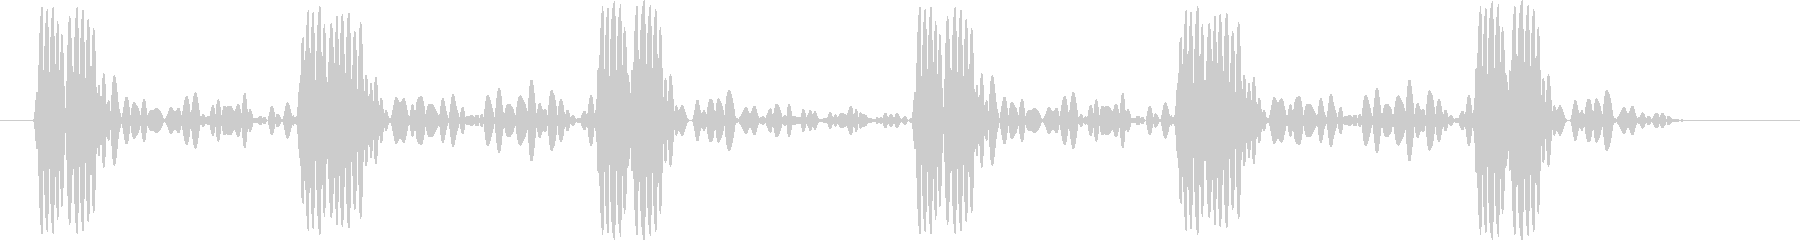 心音の未再生の波形